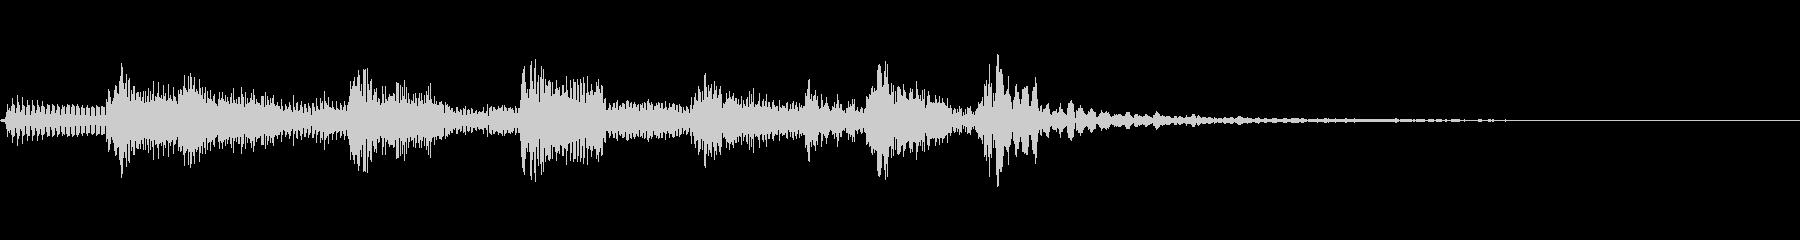 オシャレなジャズ アコギ  ジングル1の未再生の波形